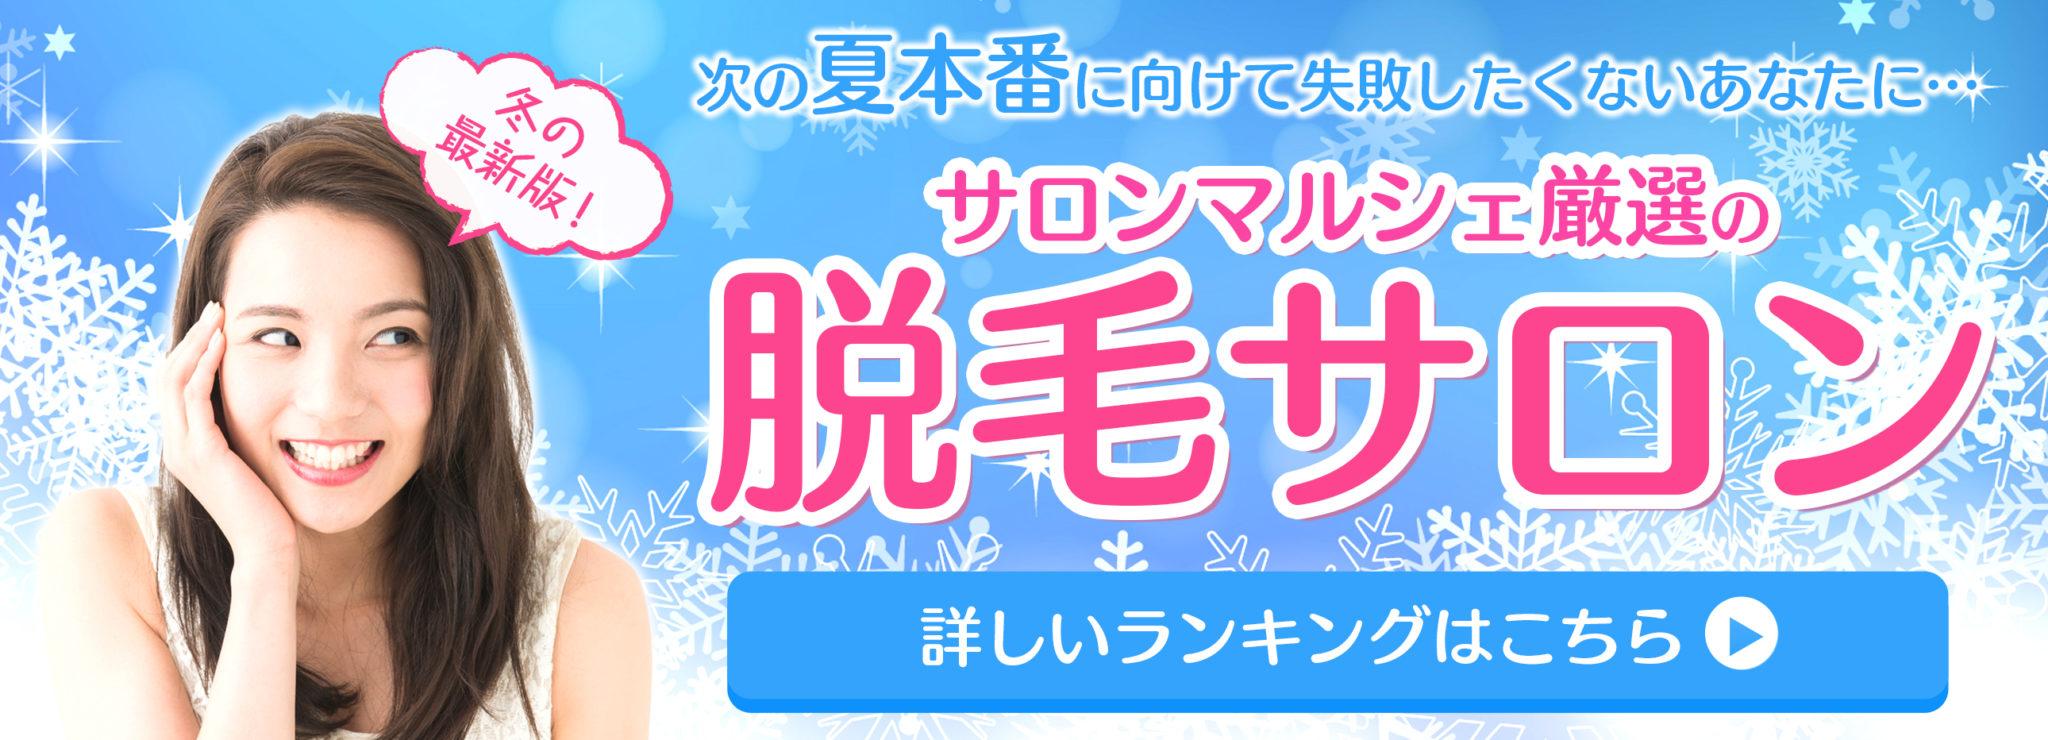 【冬】サロンマルシェの脱毛ランキング